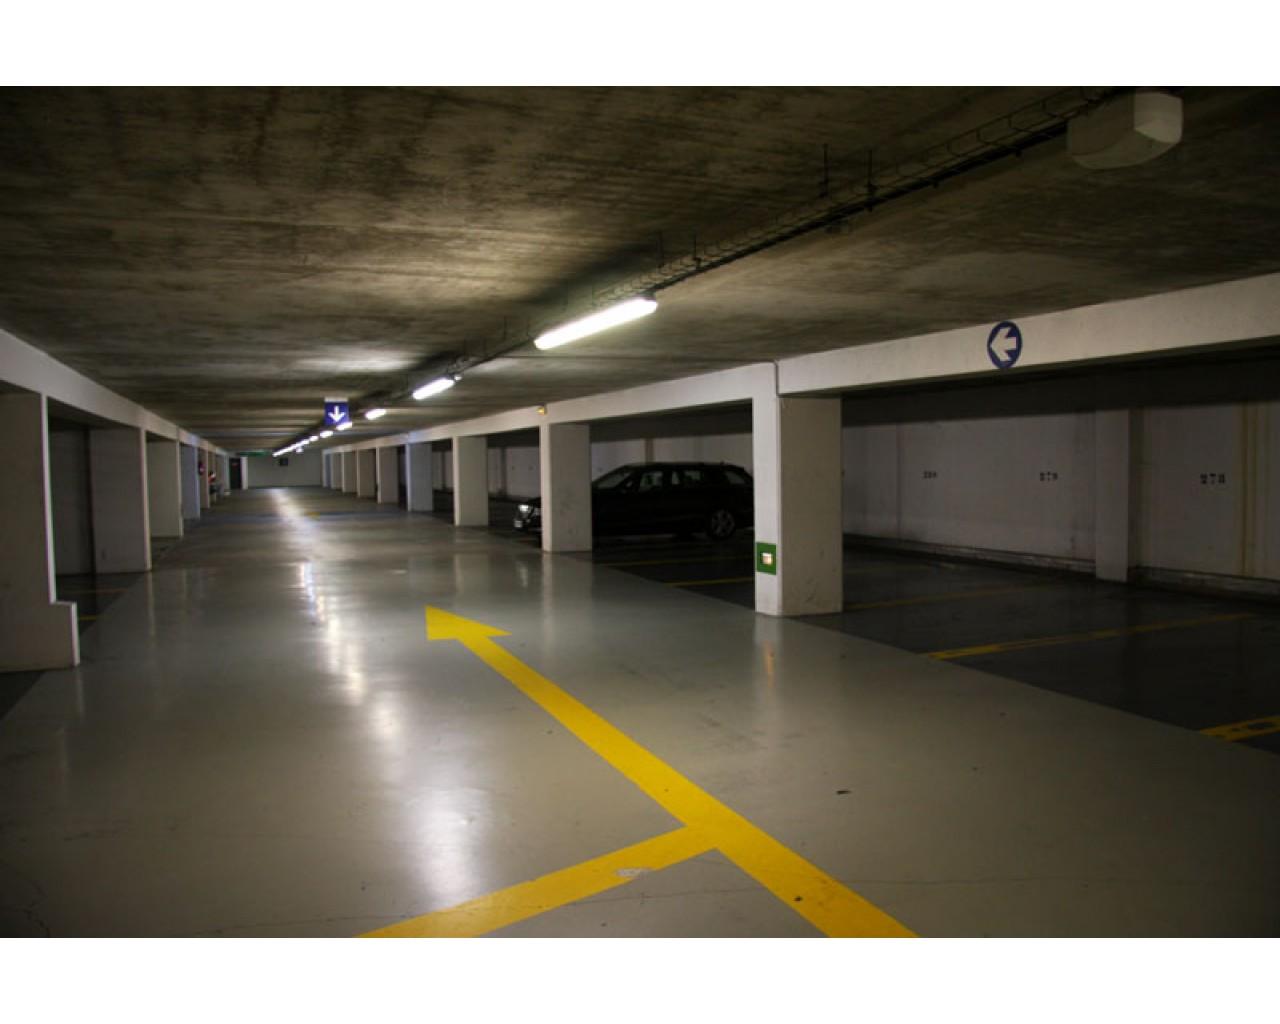 Location parking Montpellier : une véritable aubaine